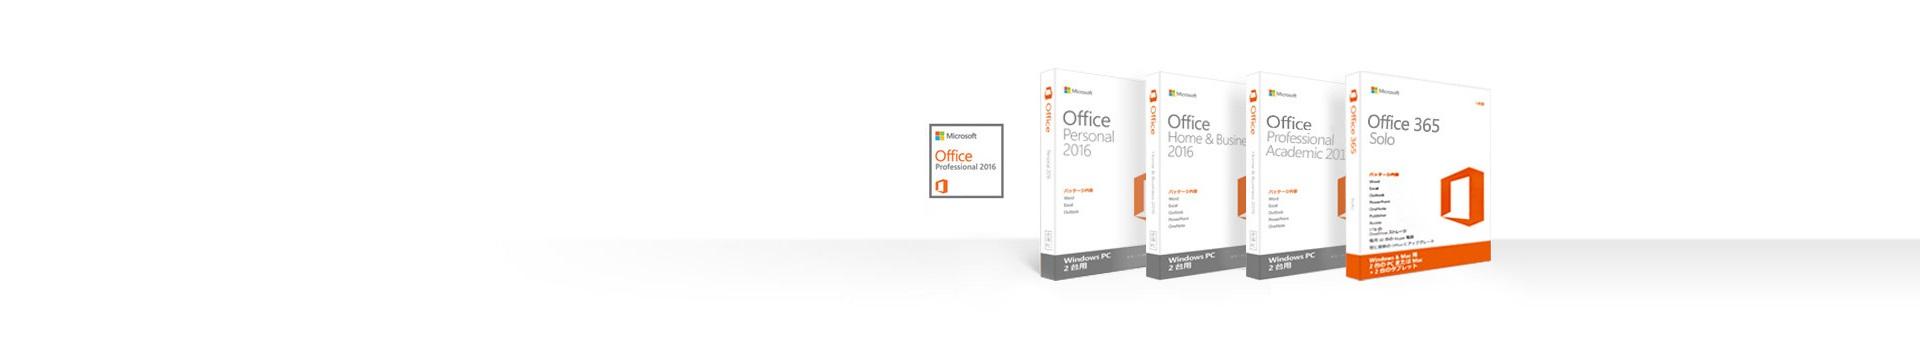 Windows PC 用の Office 2016 と Office 365 の製品の箱が並んでいます